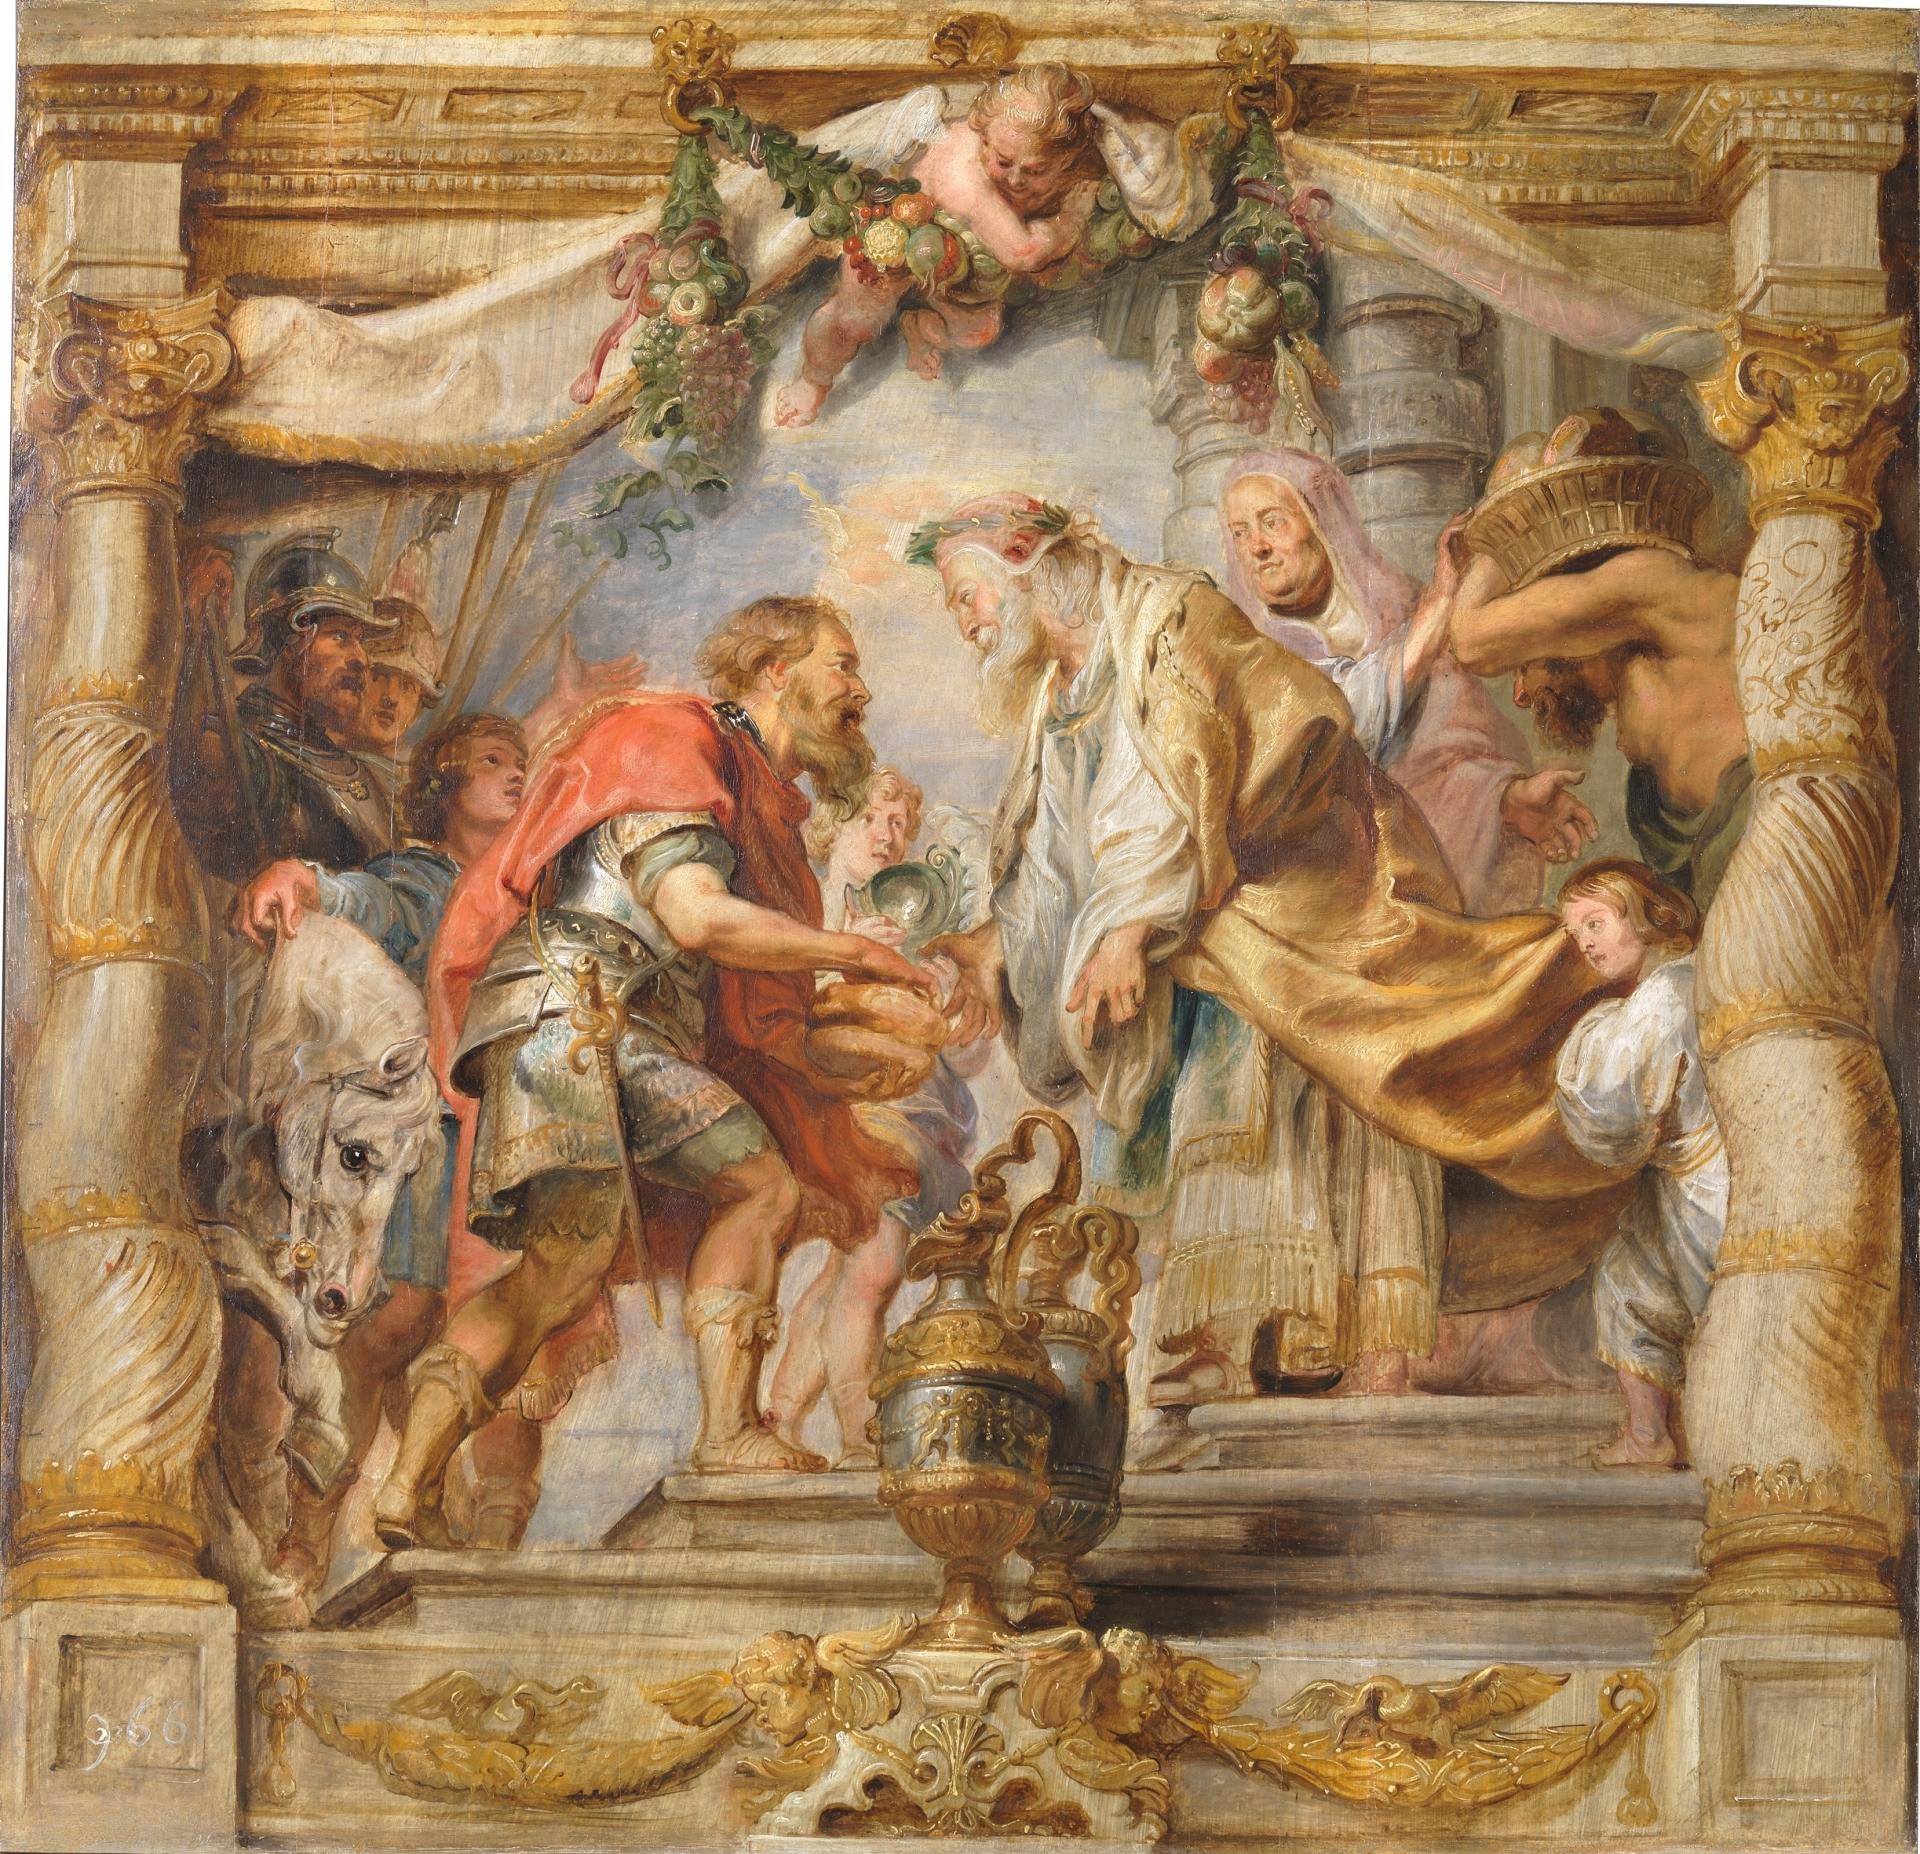 LA HISTORIA HUMANA JAMAS CONTADA Y QUE JAMAS LE CONTARAN... CAPITULO III Df2742a4-1f18-49e6-b008-3af7d0738b72